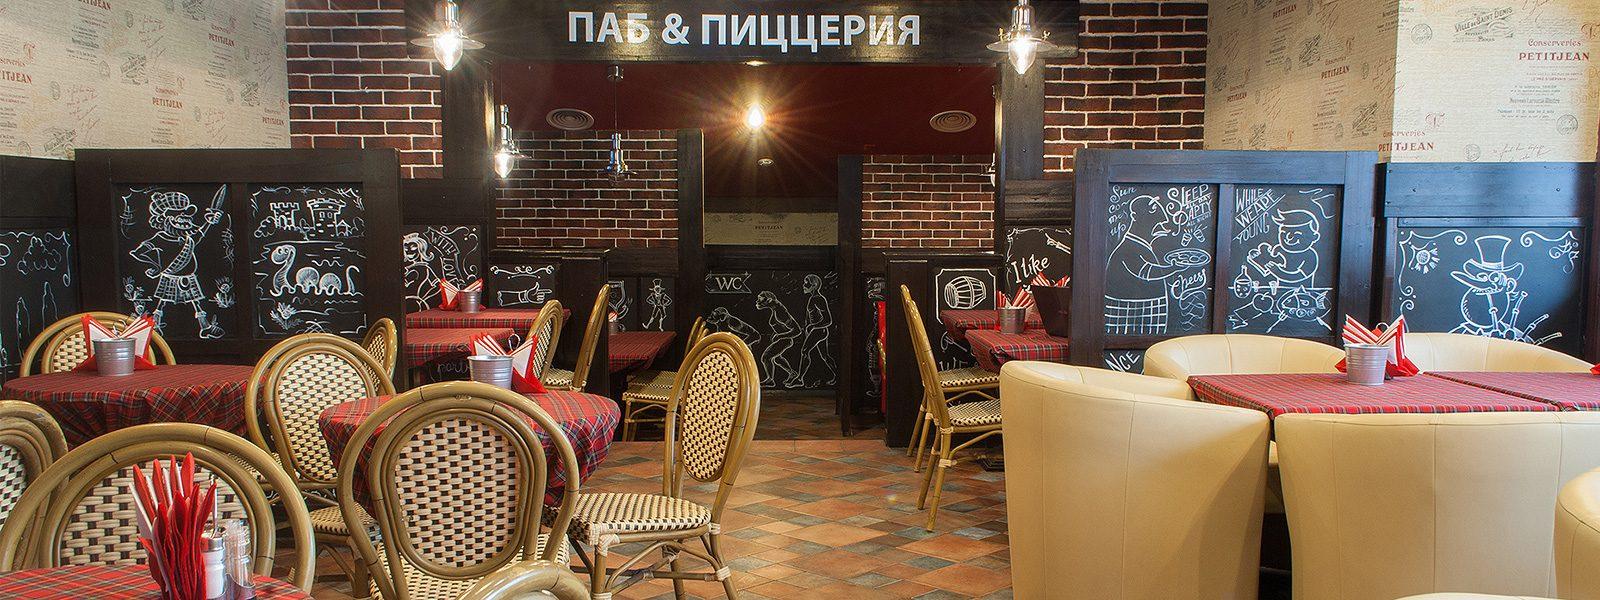 ПАБ-&-ПИЦЦЕРИЯ-#оригинальная_кухня_бар-интерьер1